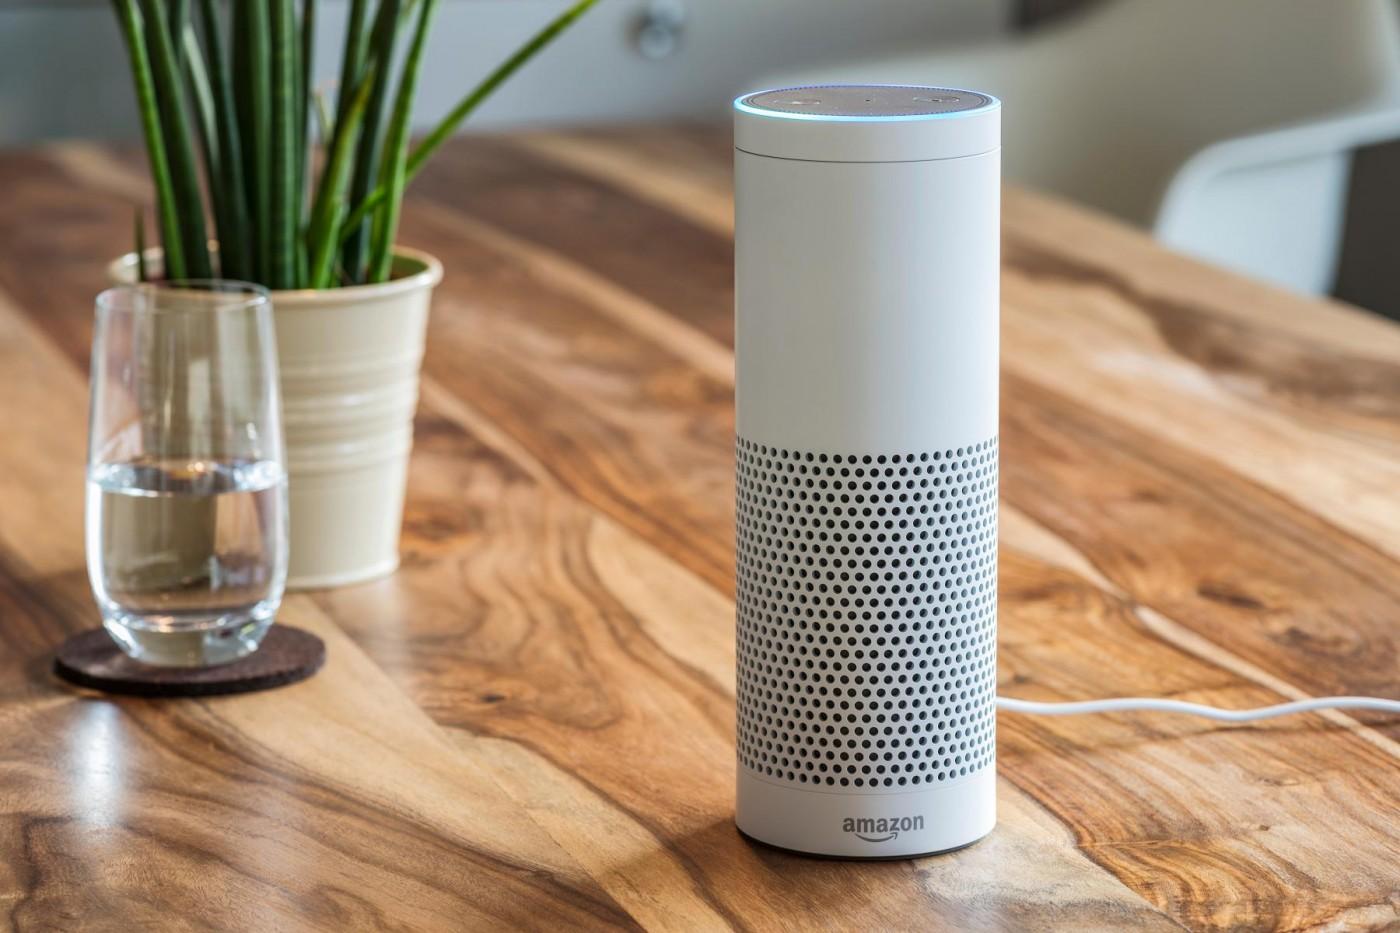 一天標記上千則Alexa錄音,亞馬遜員工都聽到什麼?